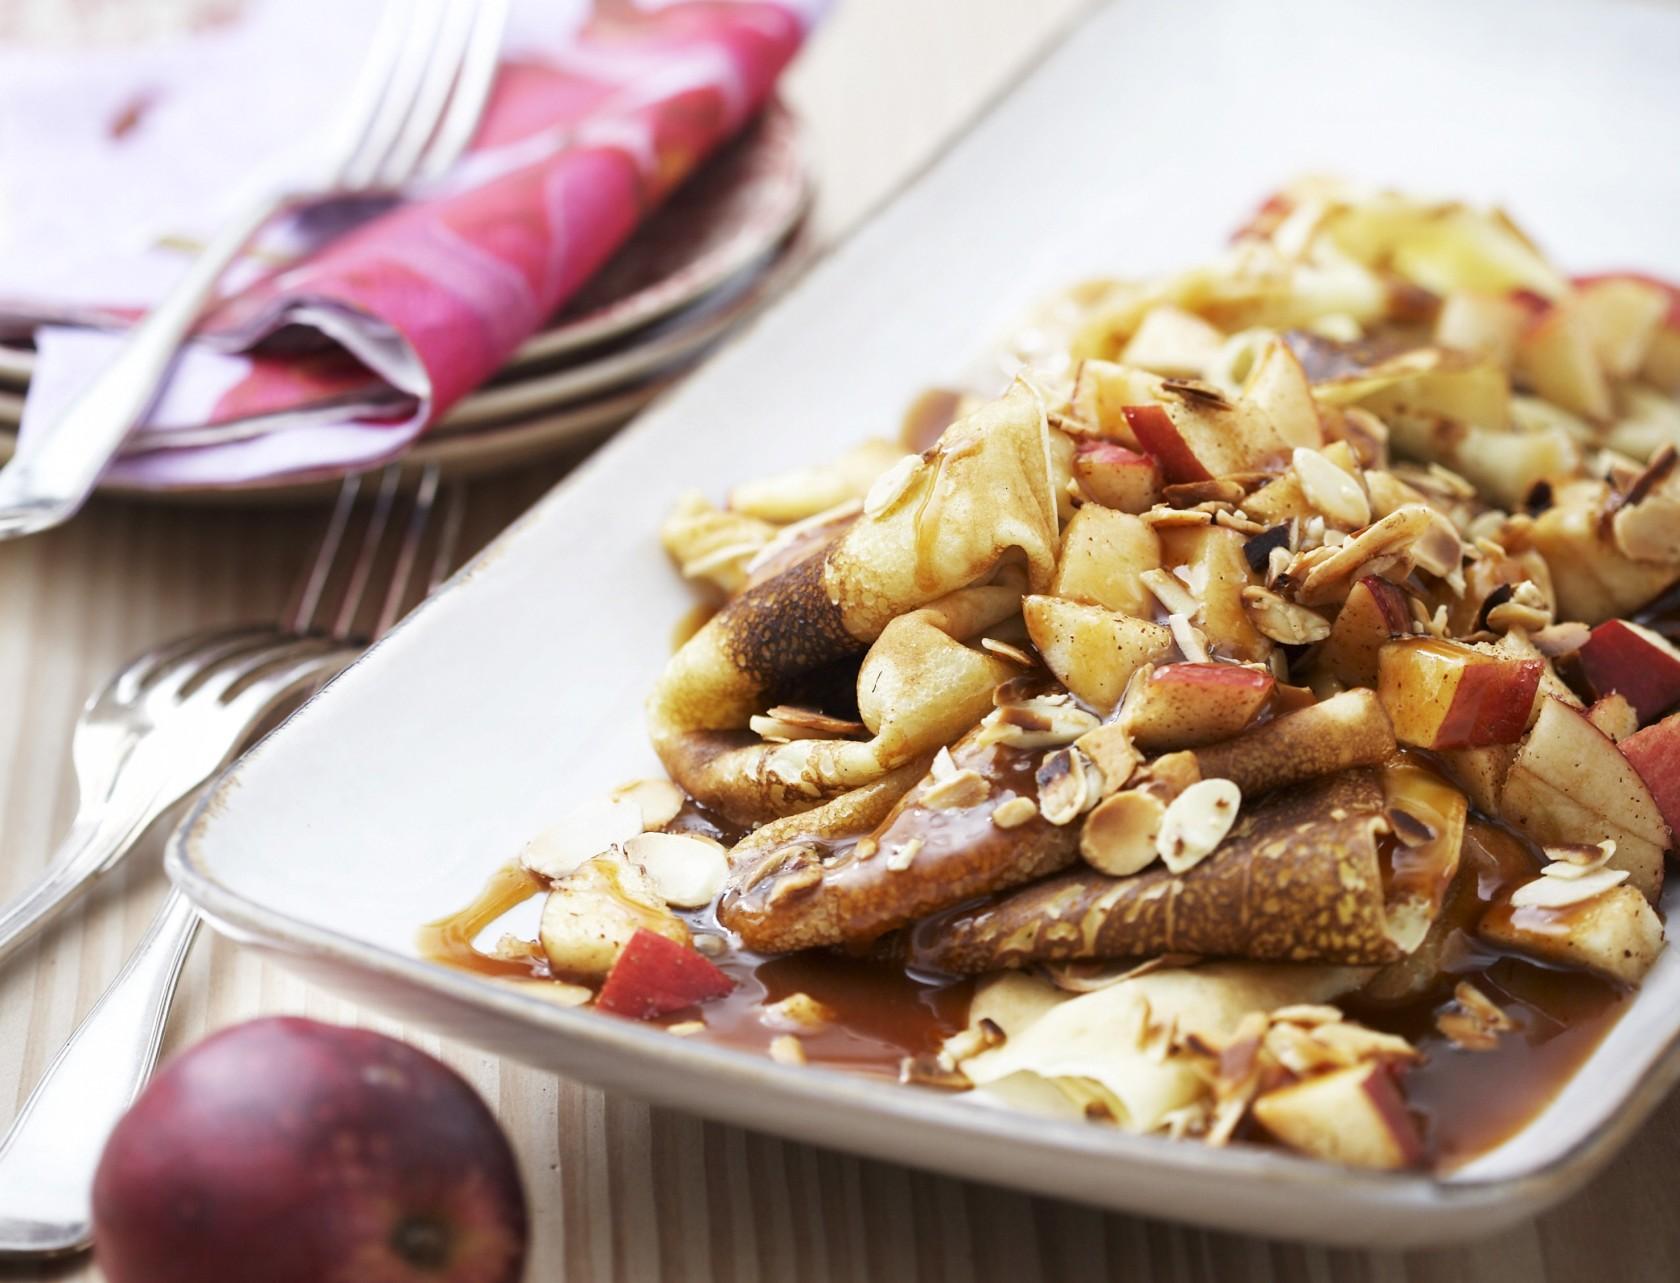 Pandekager med æble og karamelsauce - den bedste dessert til børn og voksne!